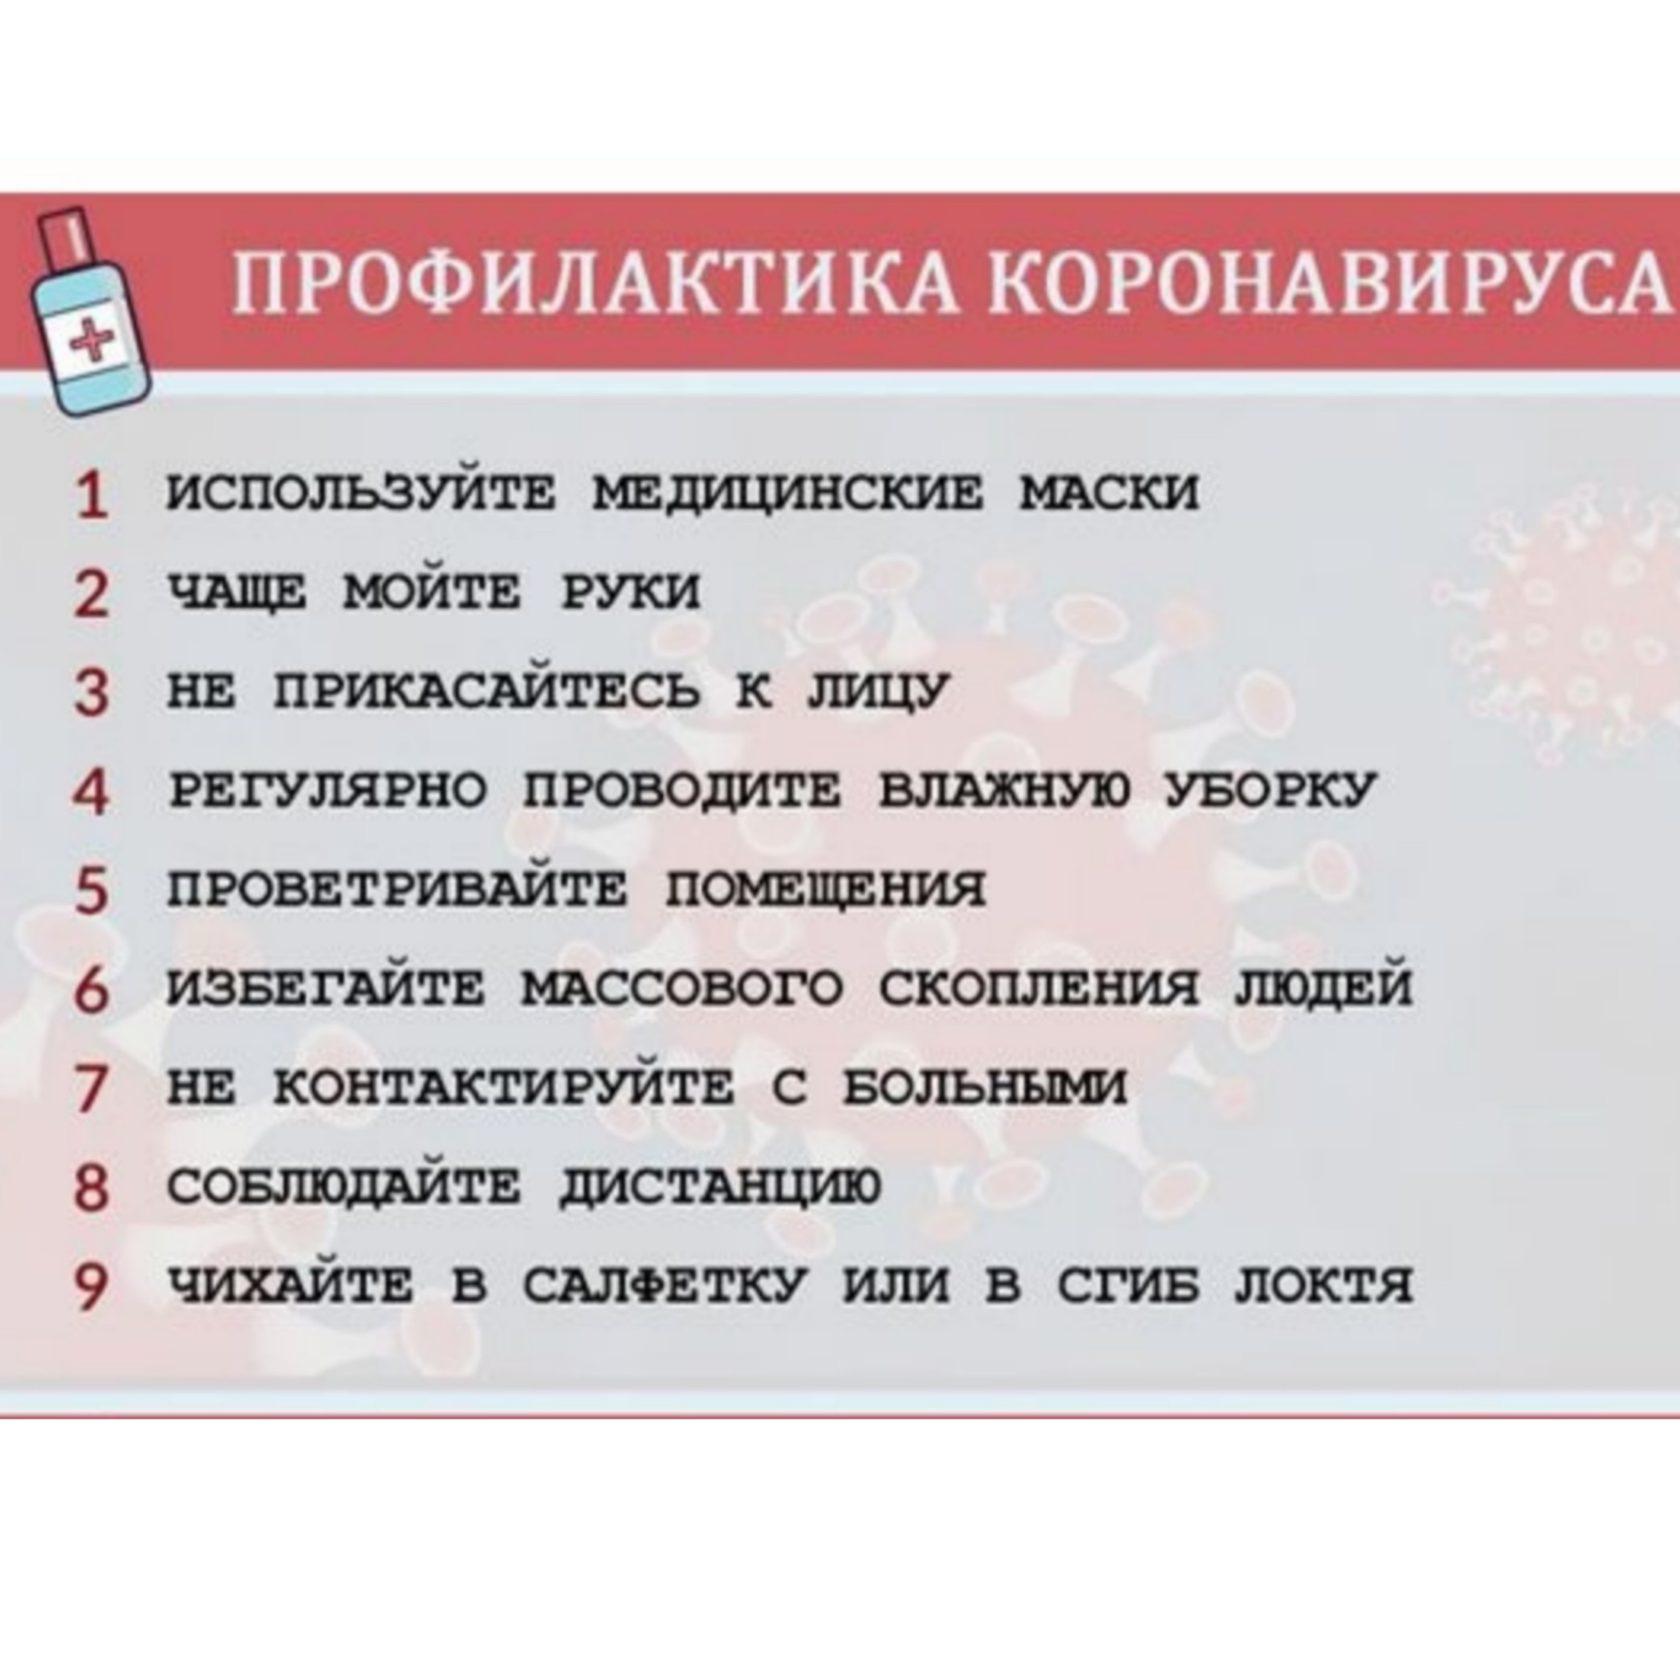 7 пунктов мероприятий по профилактике короновируса